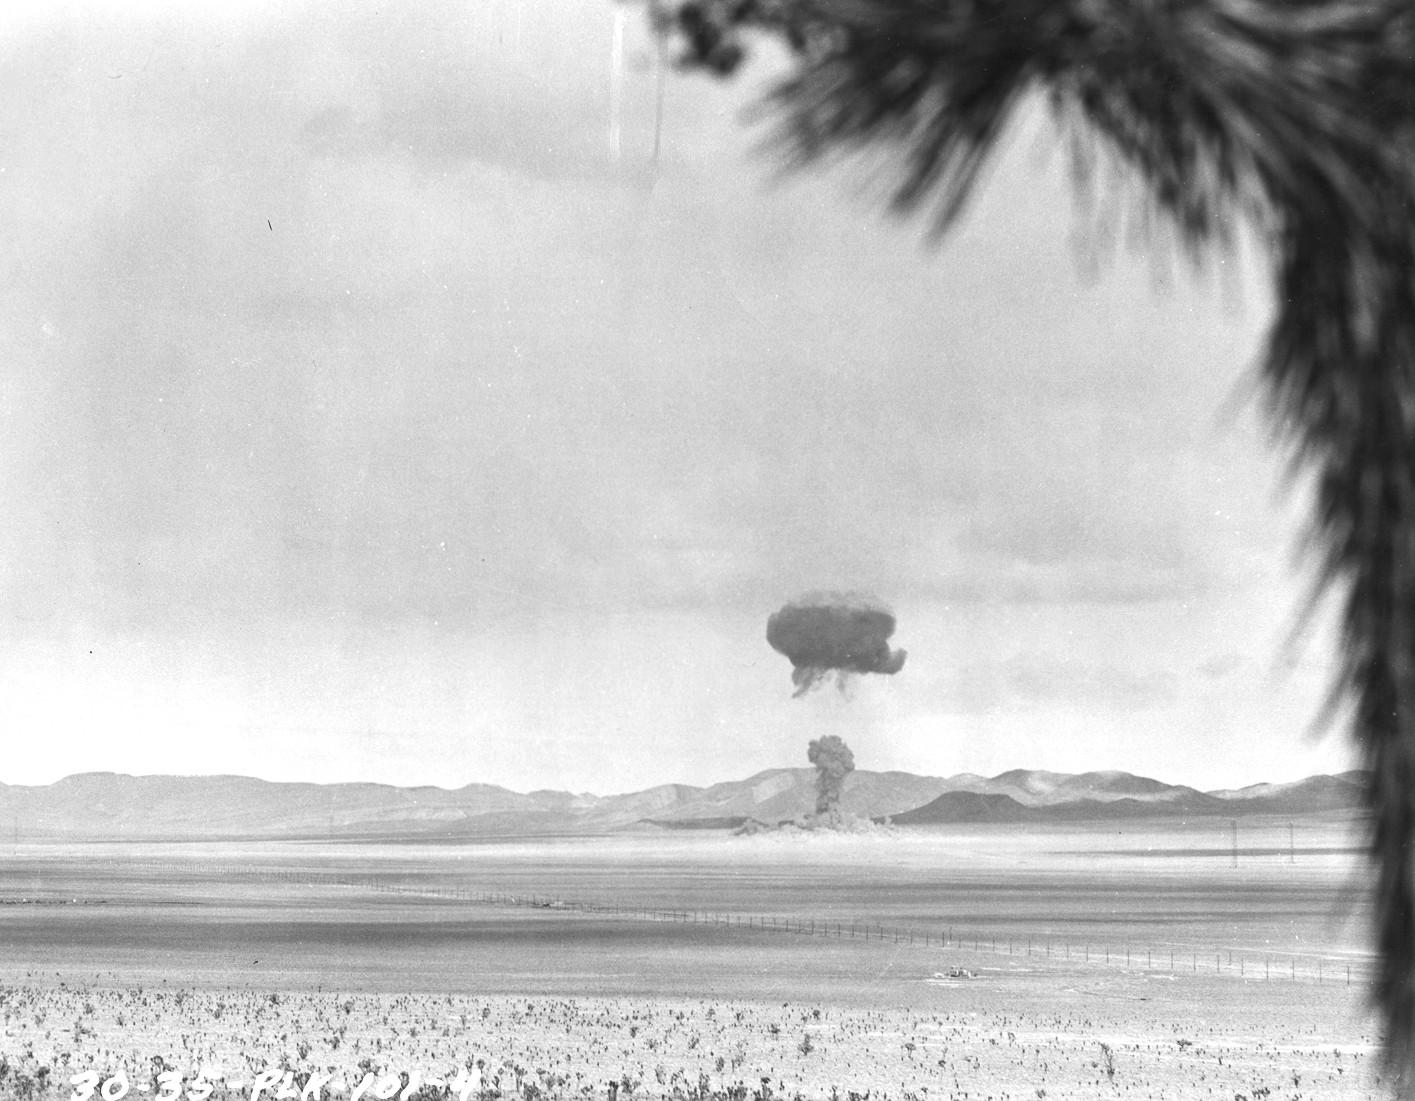 Teste com bomba de U-233 durante a Operação Teapot, 1955